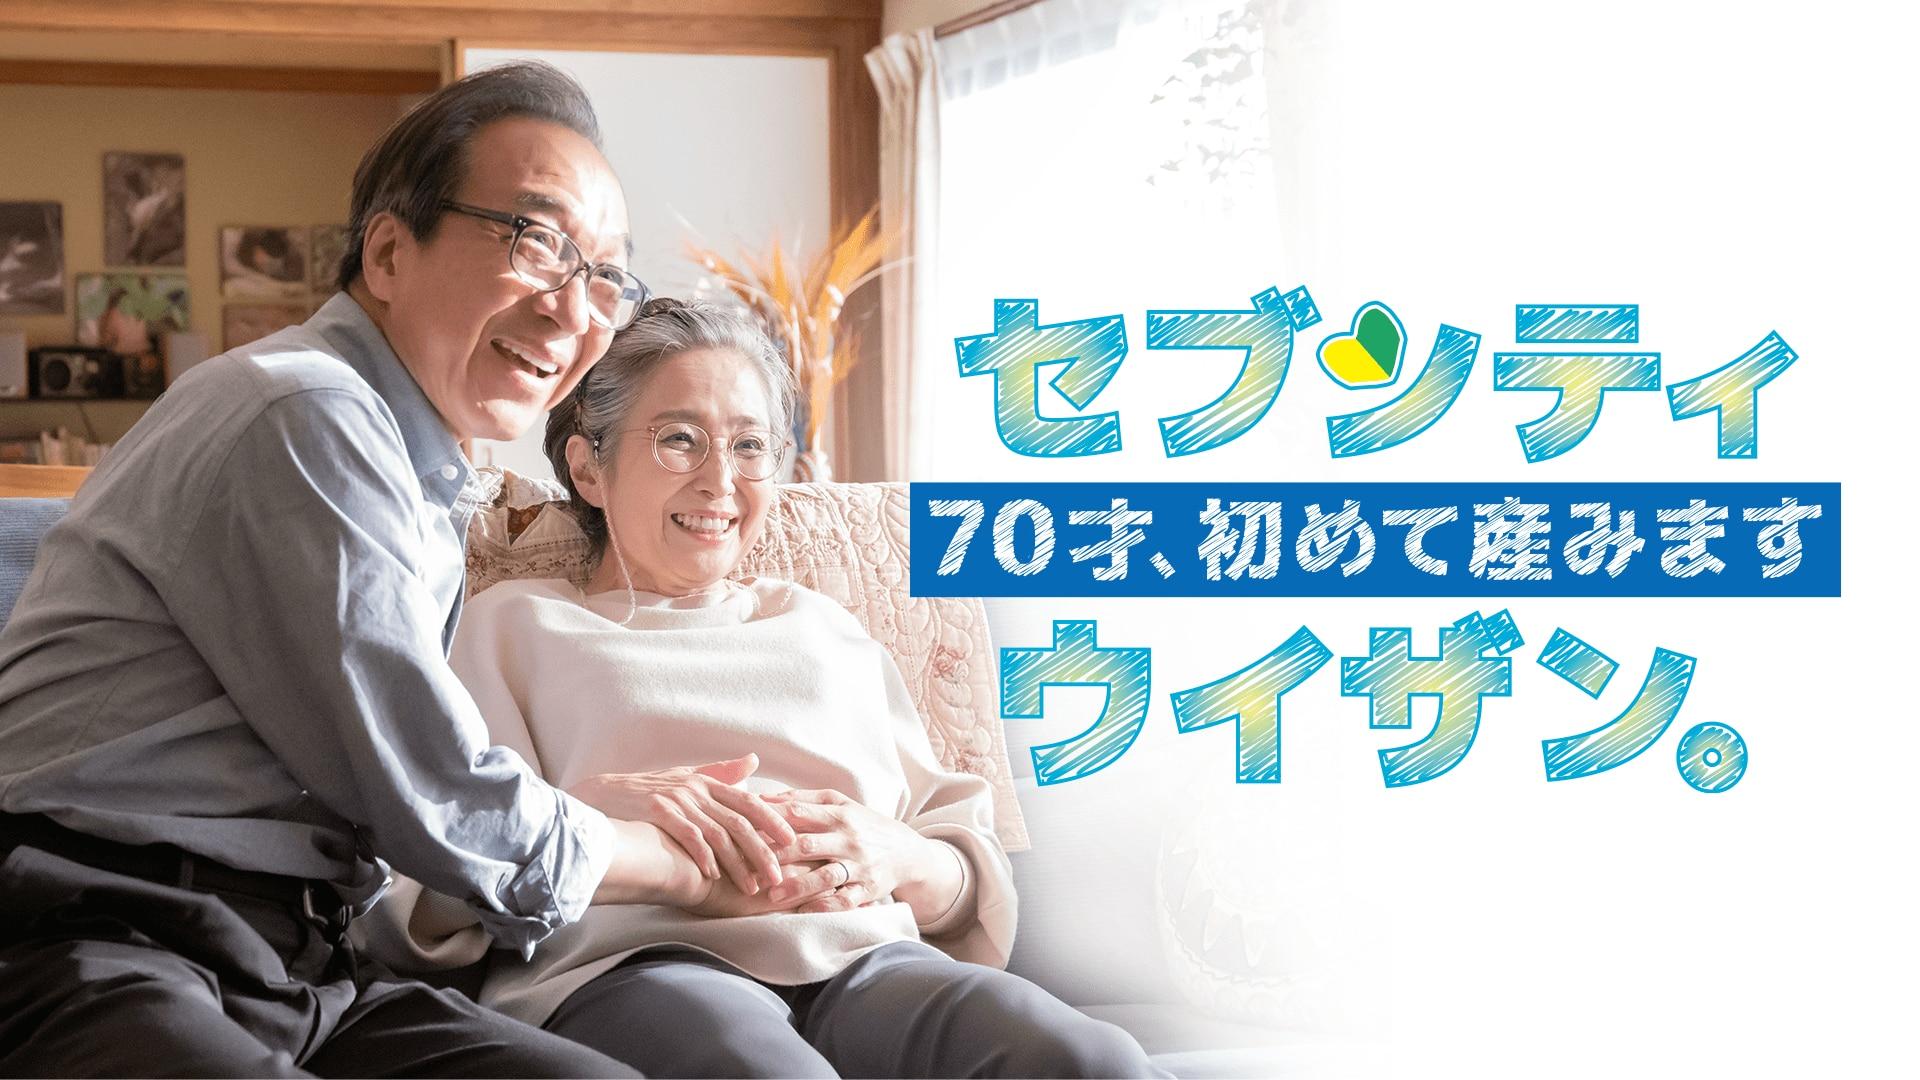 70才、初めて産みます セブンティウイザン。3貫 動画 2021年4月16日